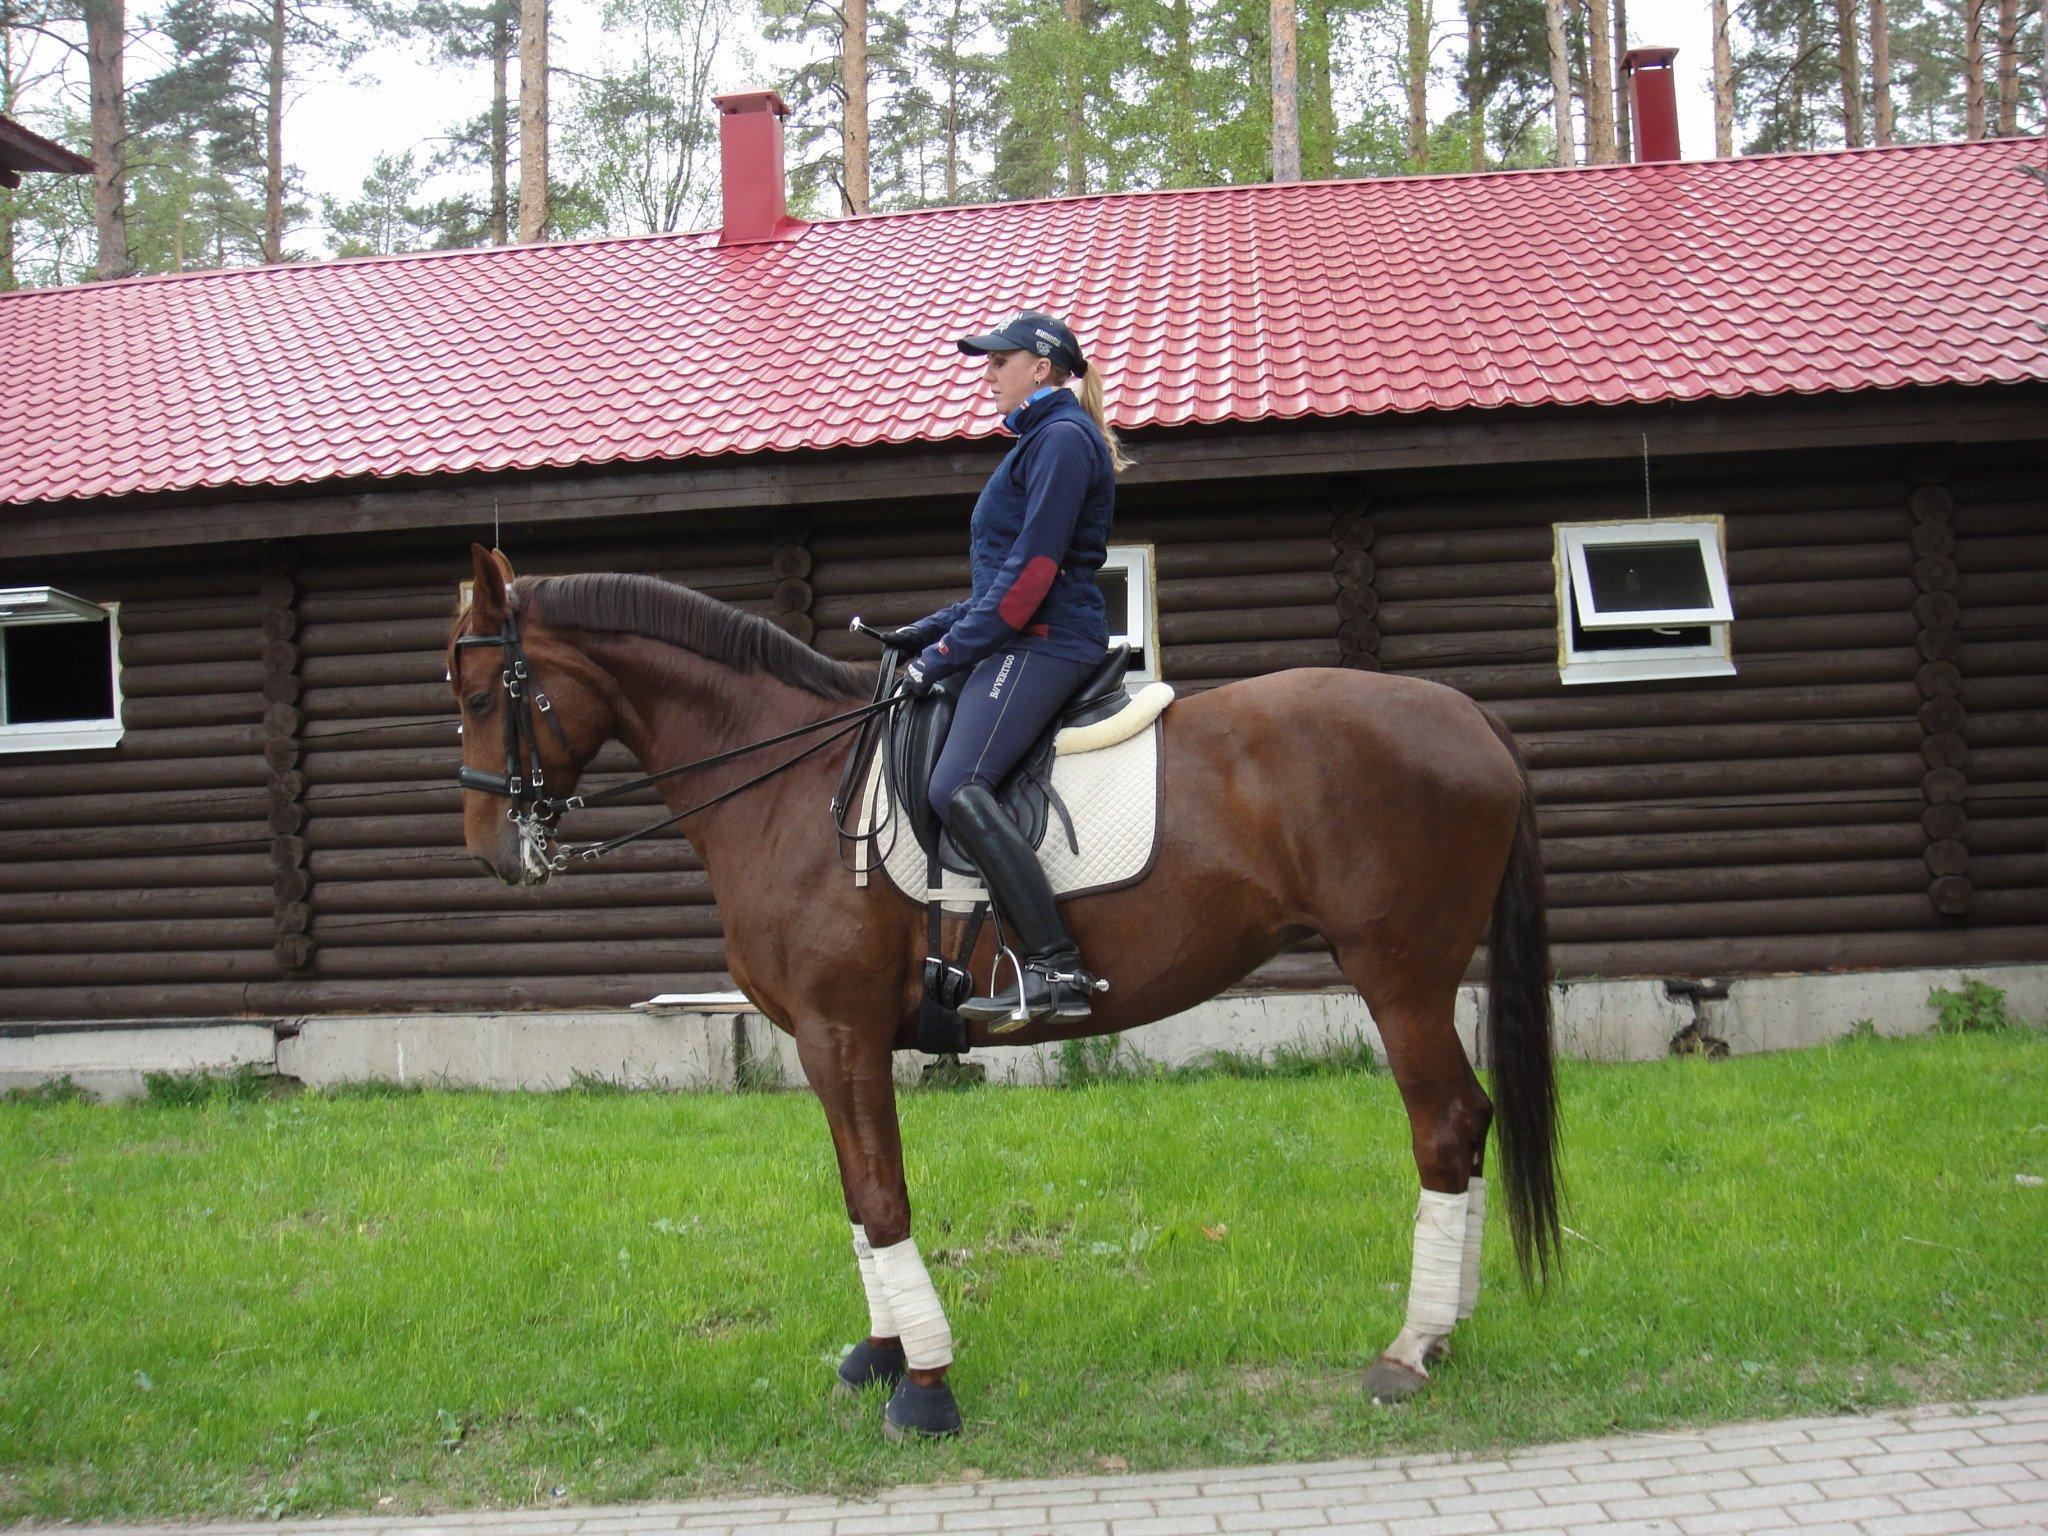 Договор купли-продажи лошади между физическими лицами